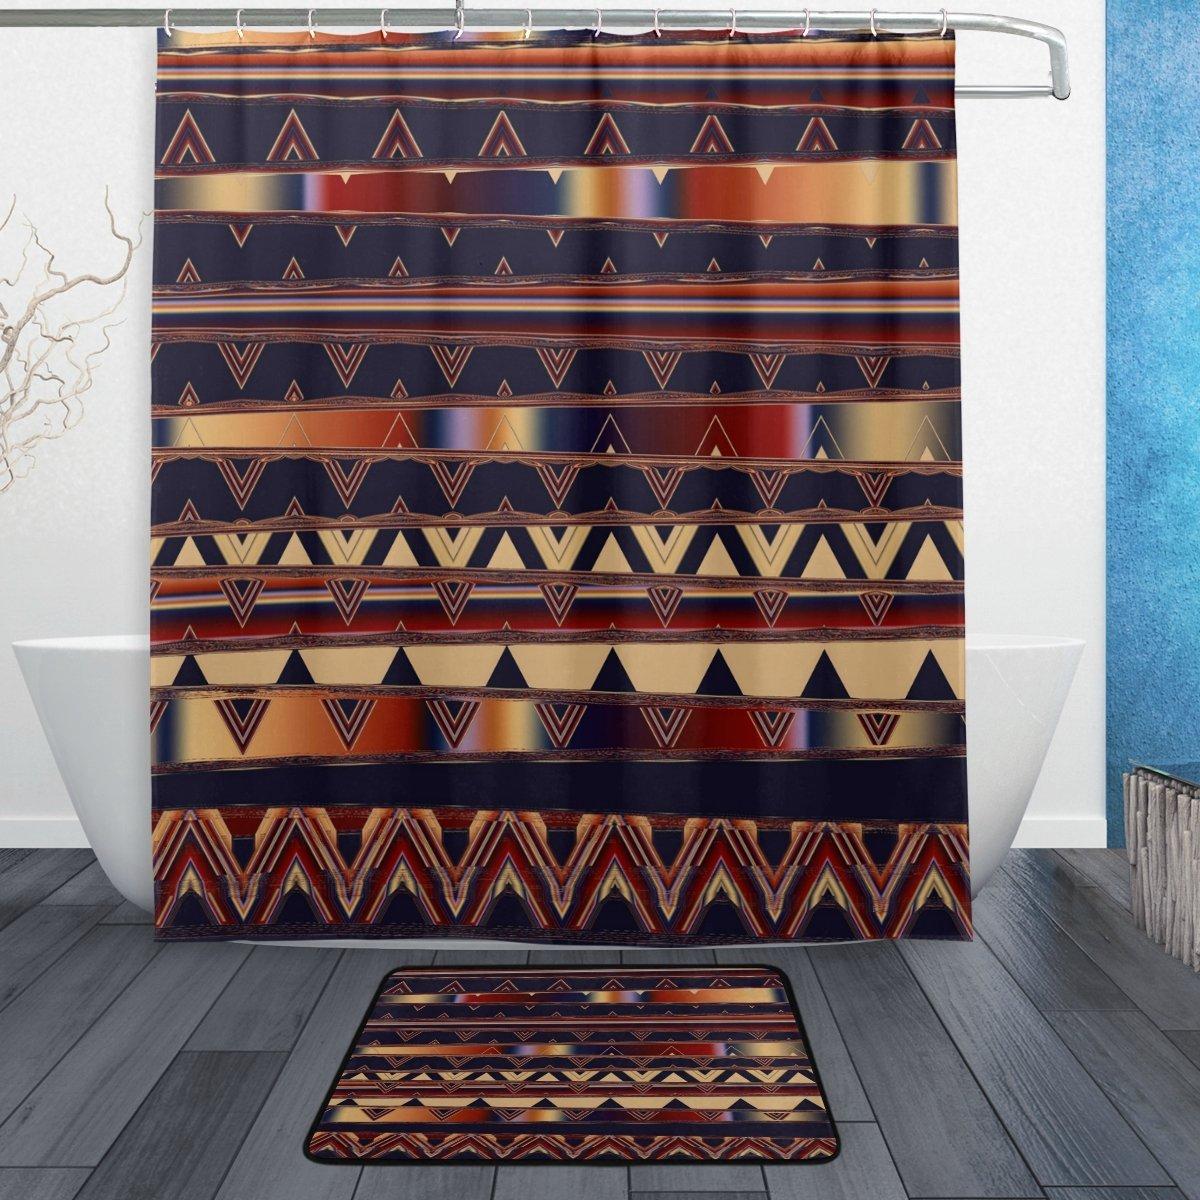 Exóticas étnicas tribales Cortina de ducha y conjunto tapete Africana egipcio Vintage tela impermeable de tela, cortina de baño de